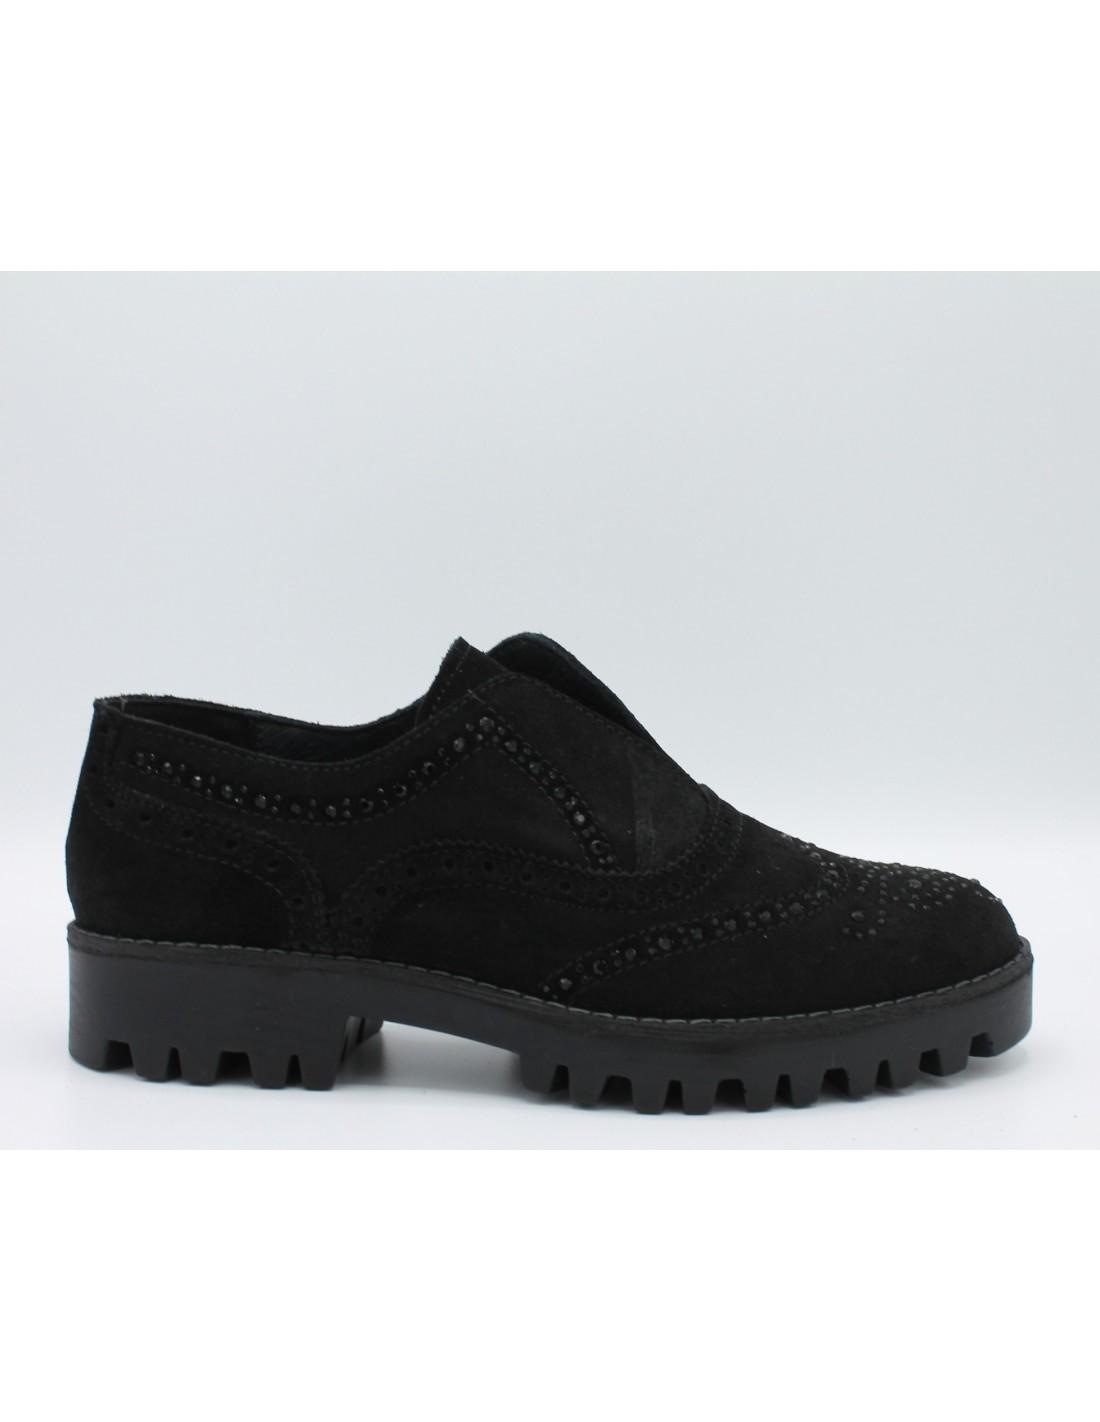 sports shoes 34506 dd8c8 Igi & co. Scarpe donna slip-on in camoscio nero con impunture inglesi art.  87940 - Angela Barba